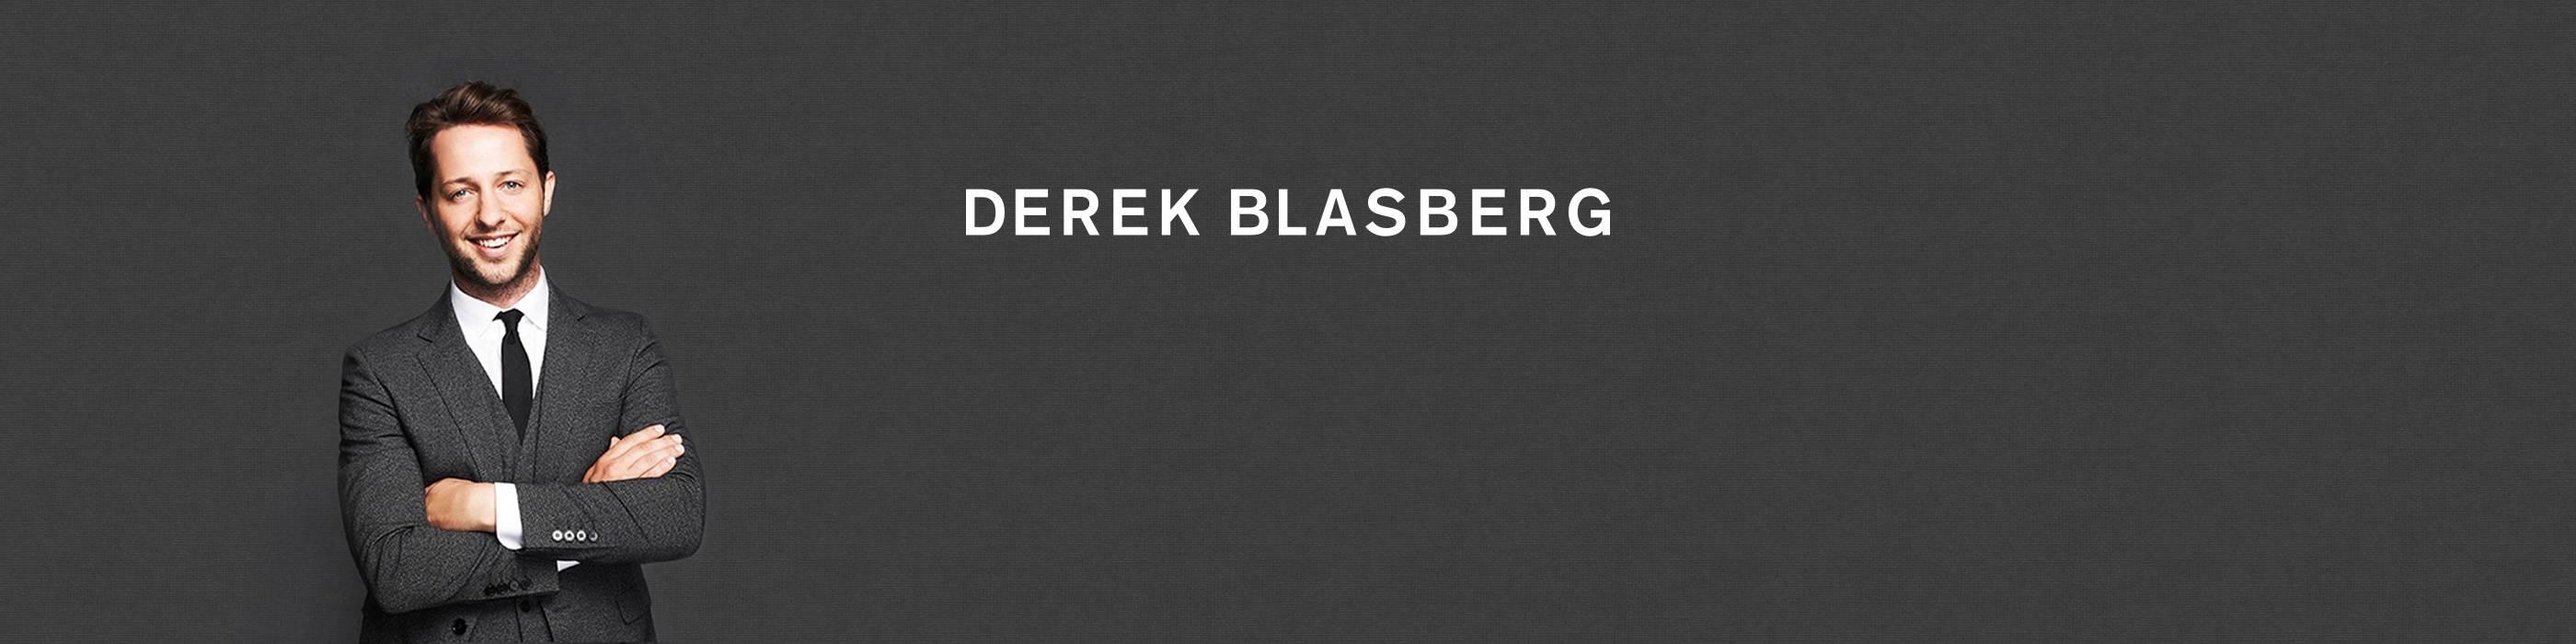 Derek Blasberg - Online